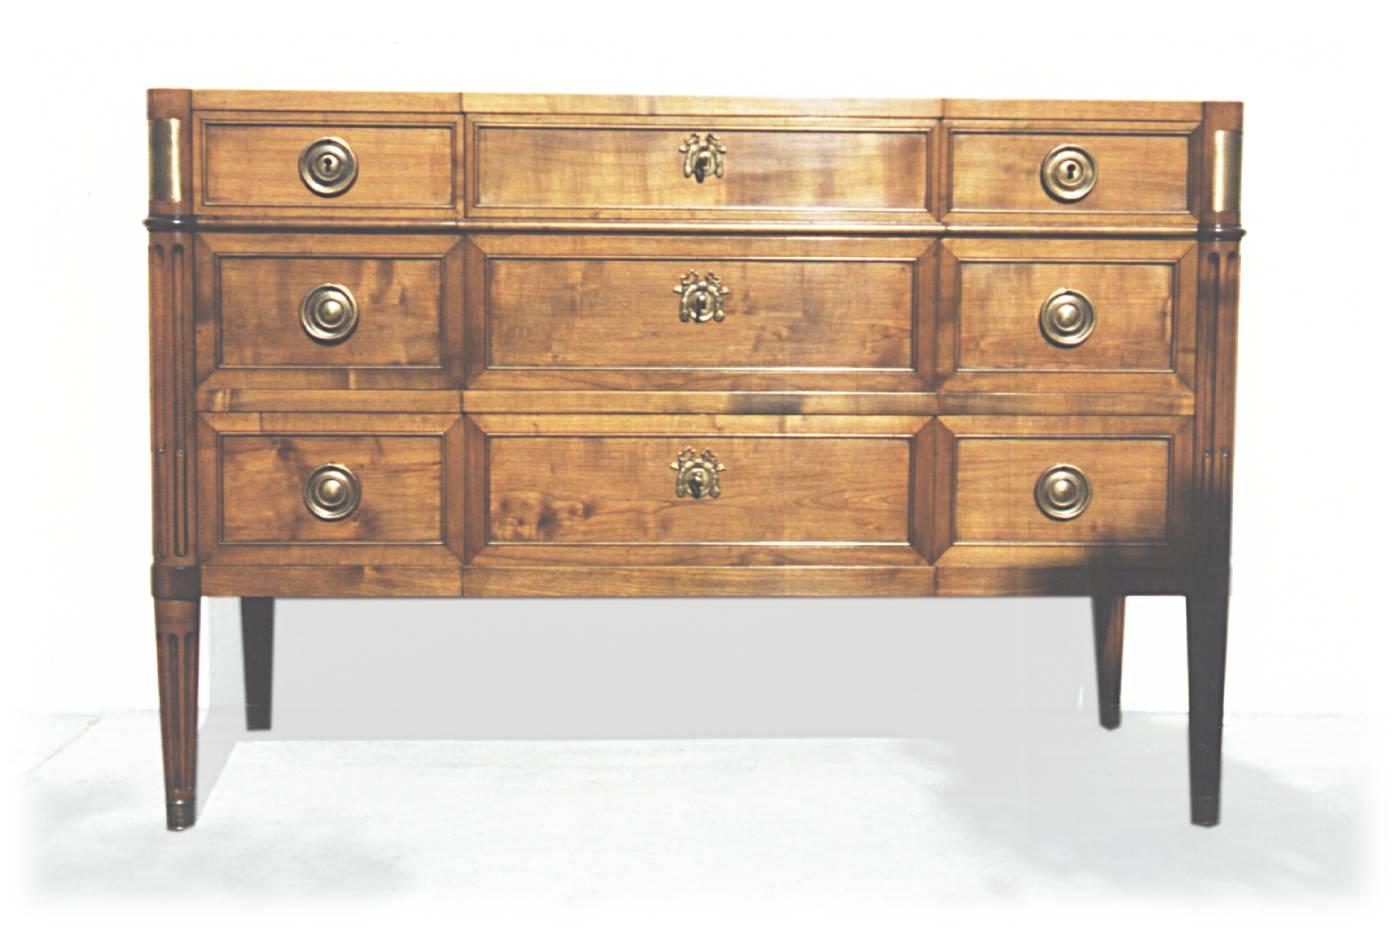 B nisterie d 39 art restauration copie d 39 ancien cr ation de mobilier for Copie de meubles design